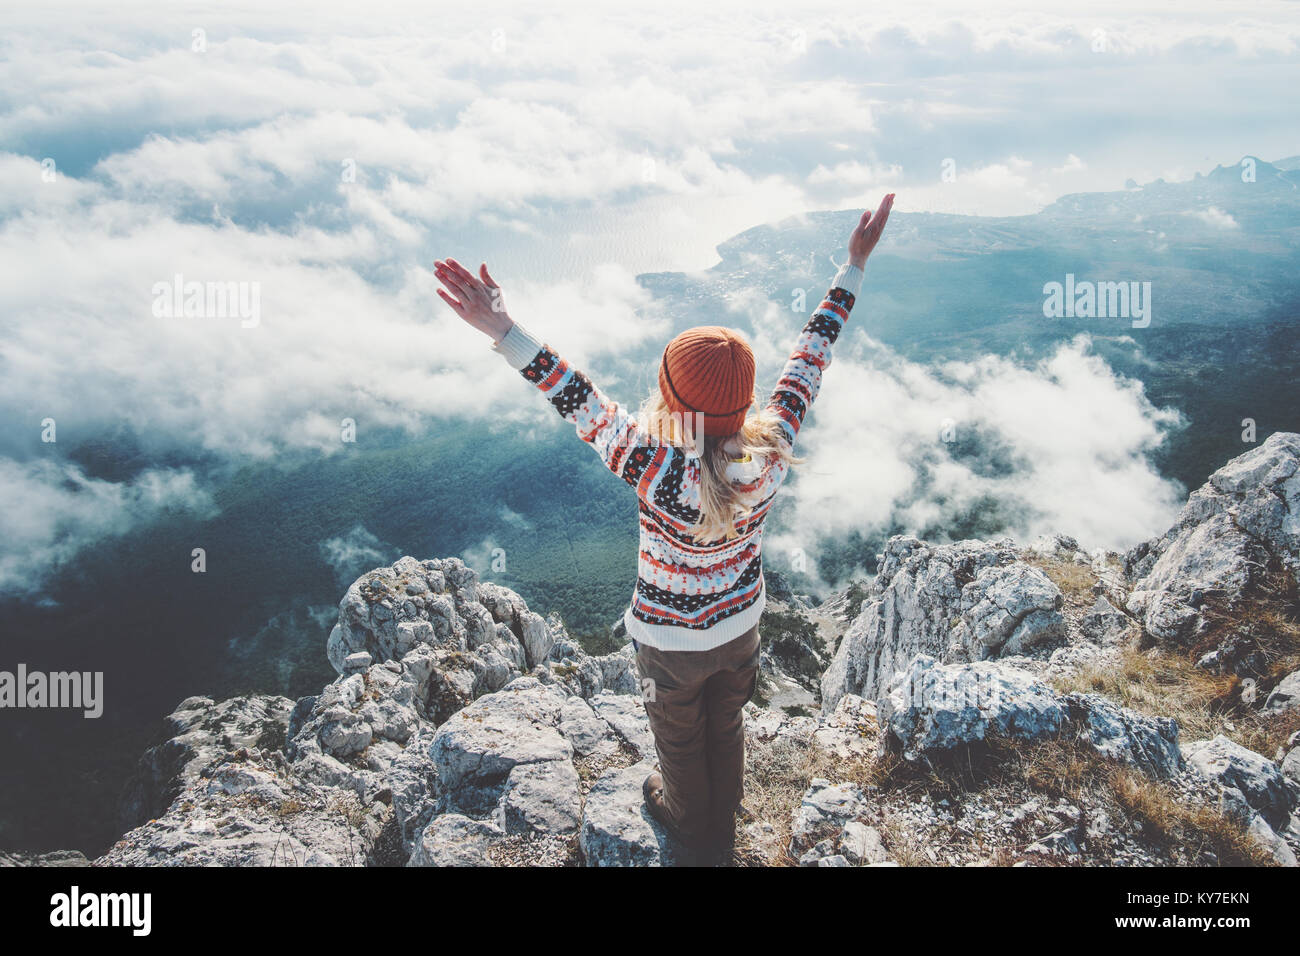 Mujer alegre y viajero de cumbre de montaña manos levantadas sobre nubes viajan Lifestyle éxito concepto de vacaciones Foto de stock